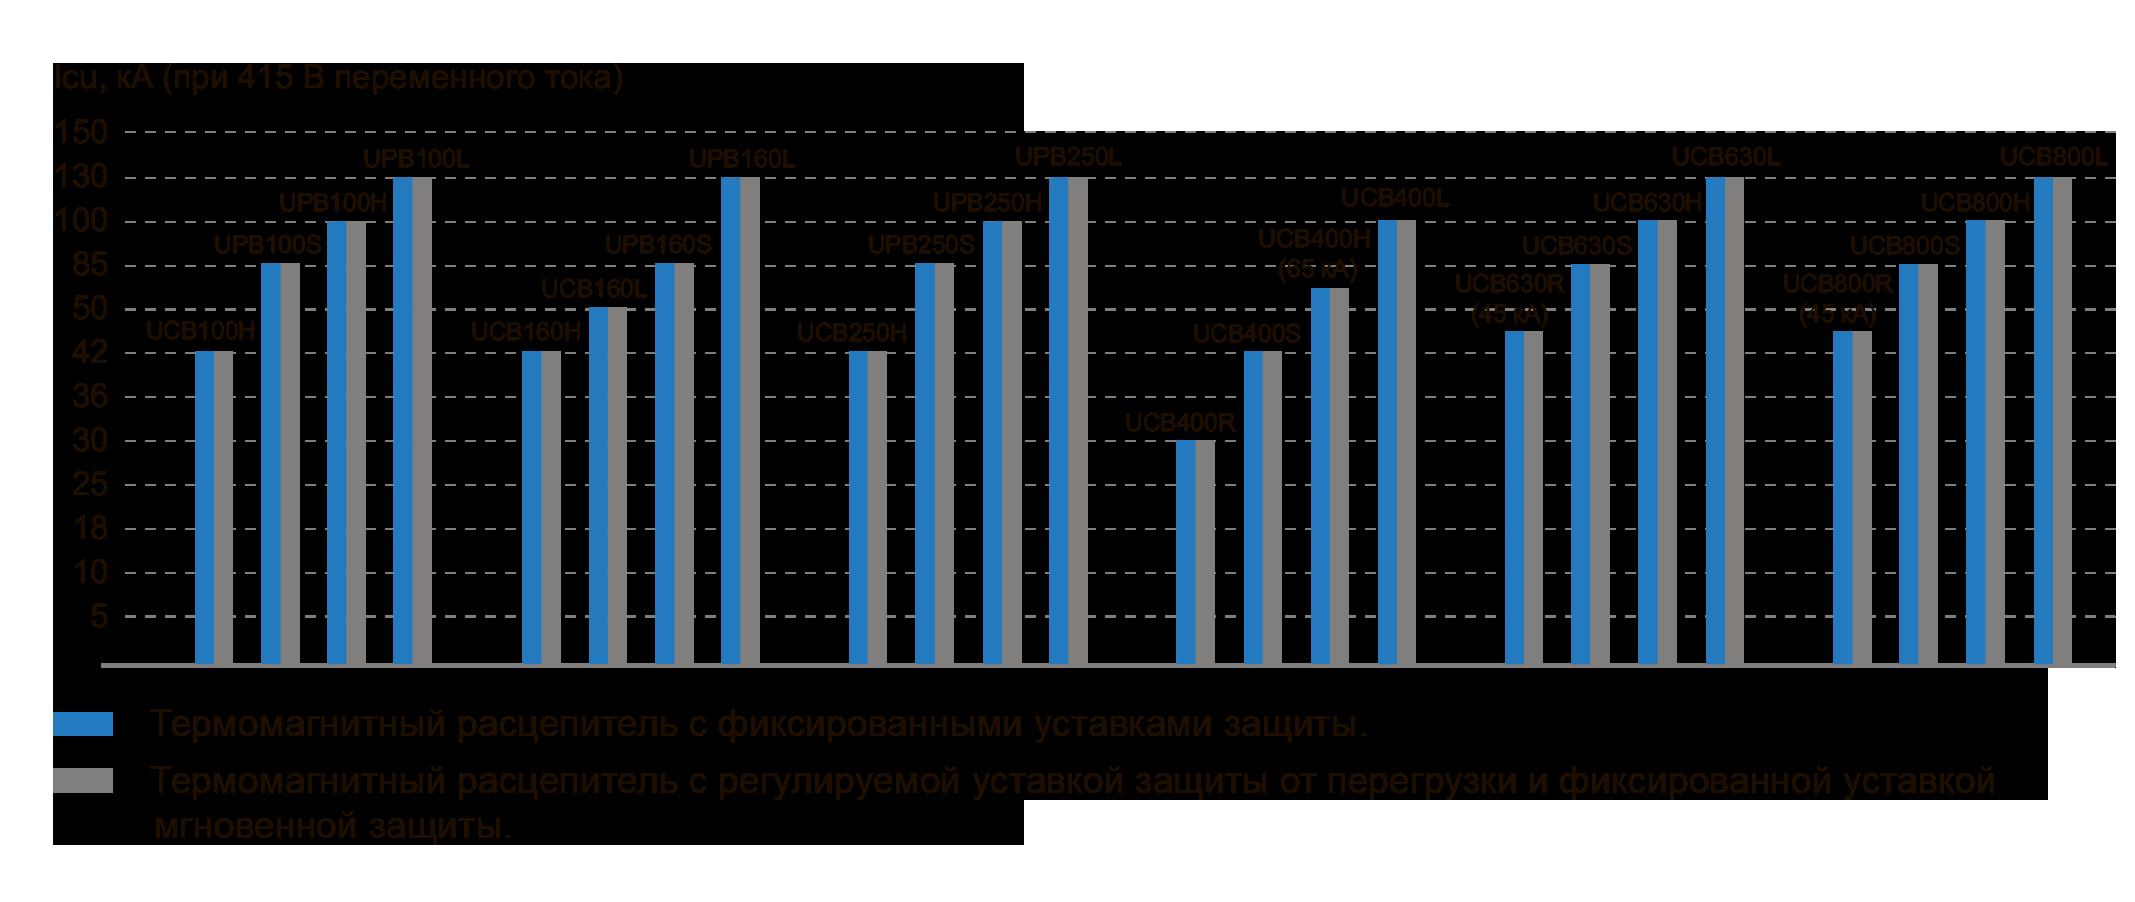 Модельный ряд автоматических выключателей ЧЭАЗ с термомагнитным максимальным расцепителем